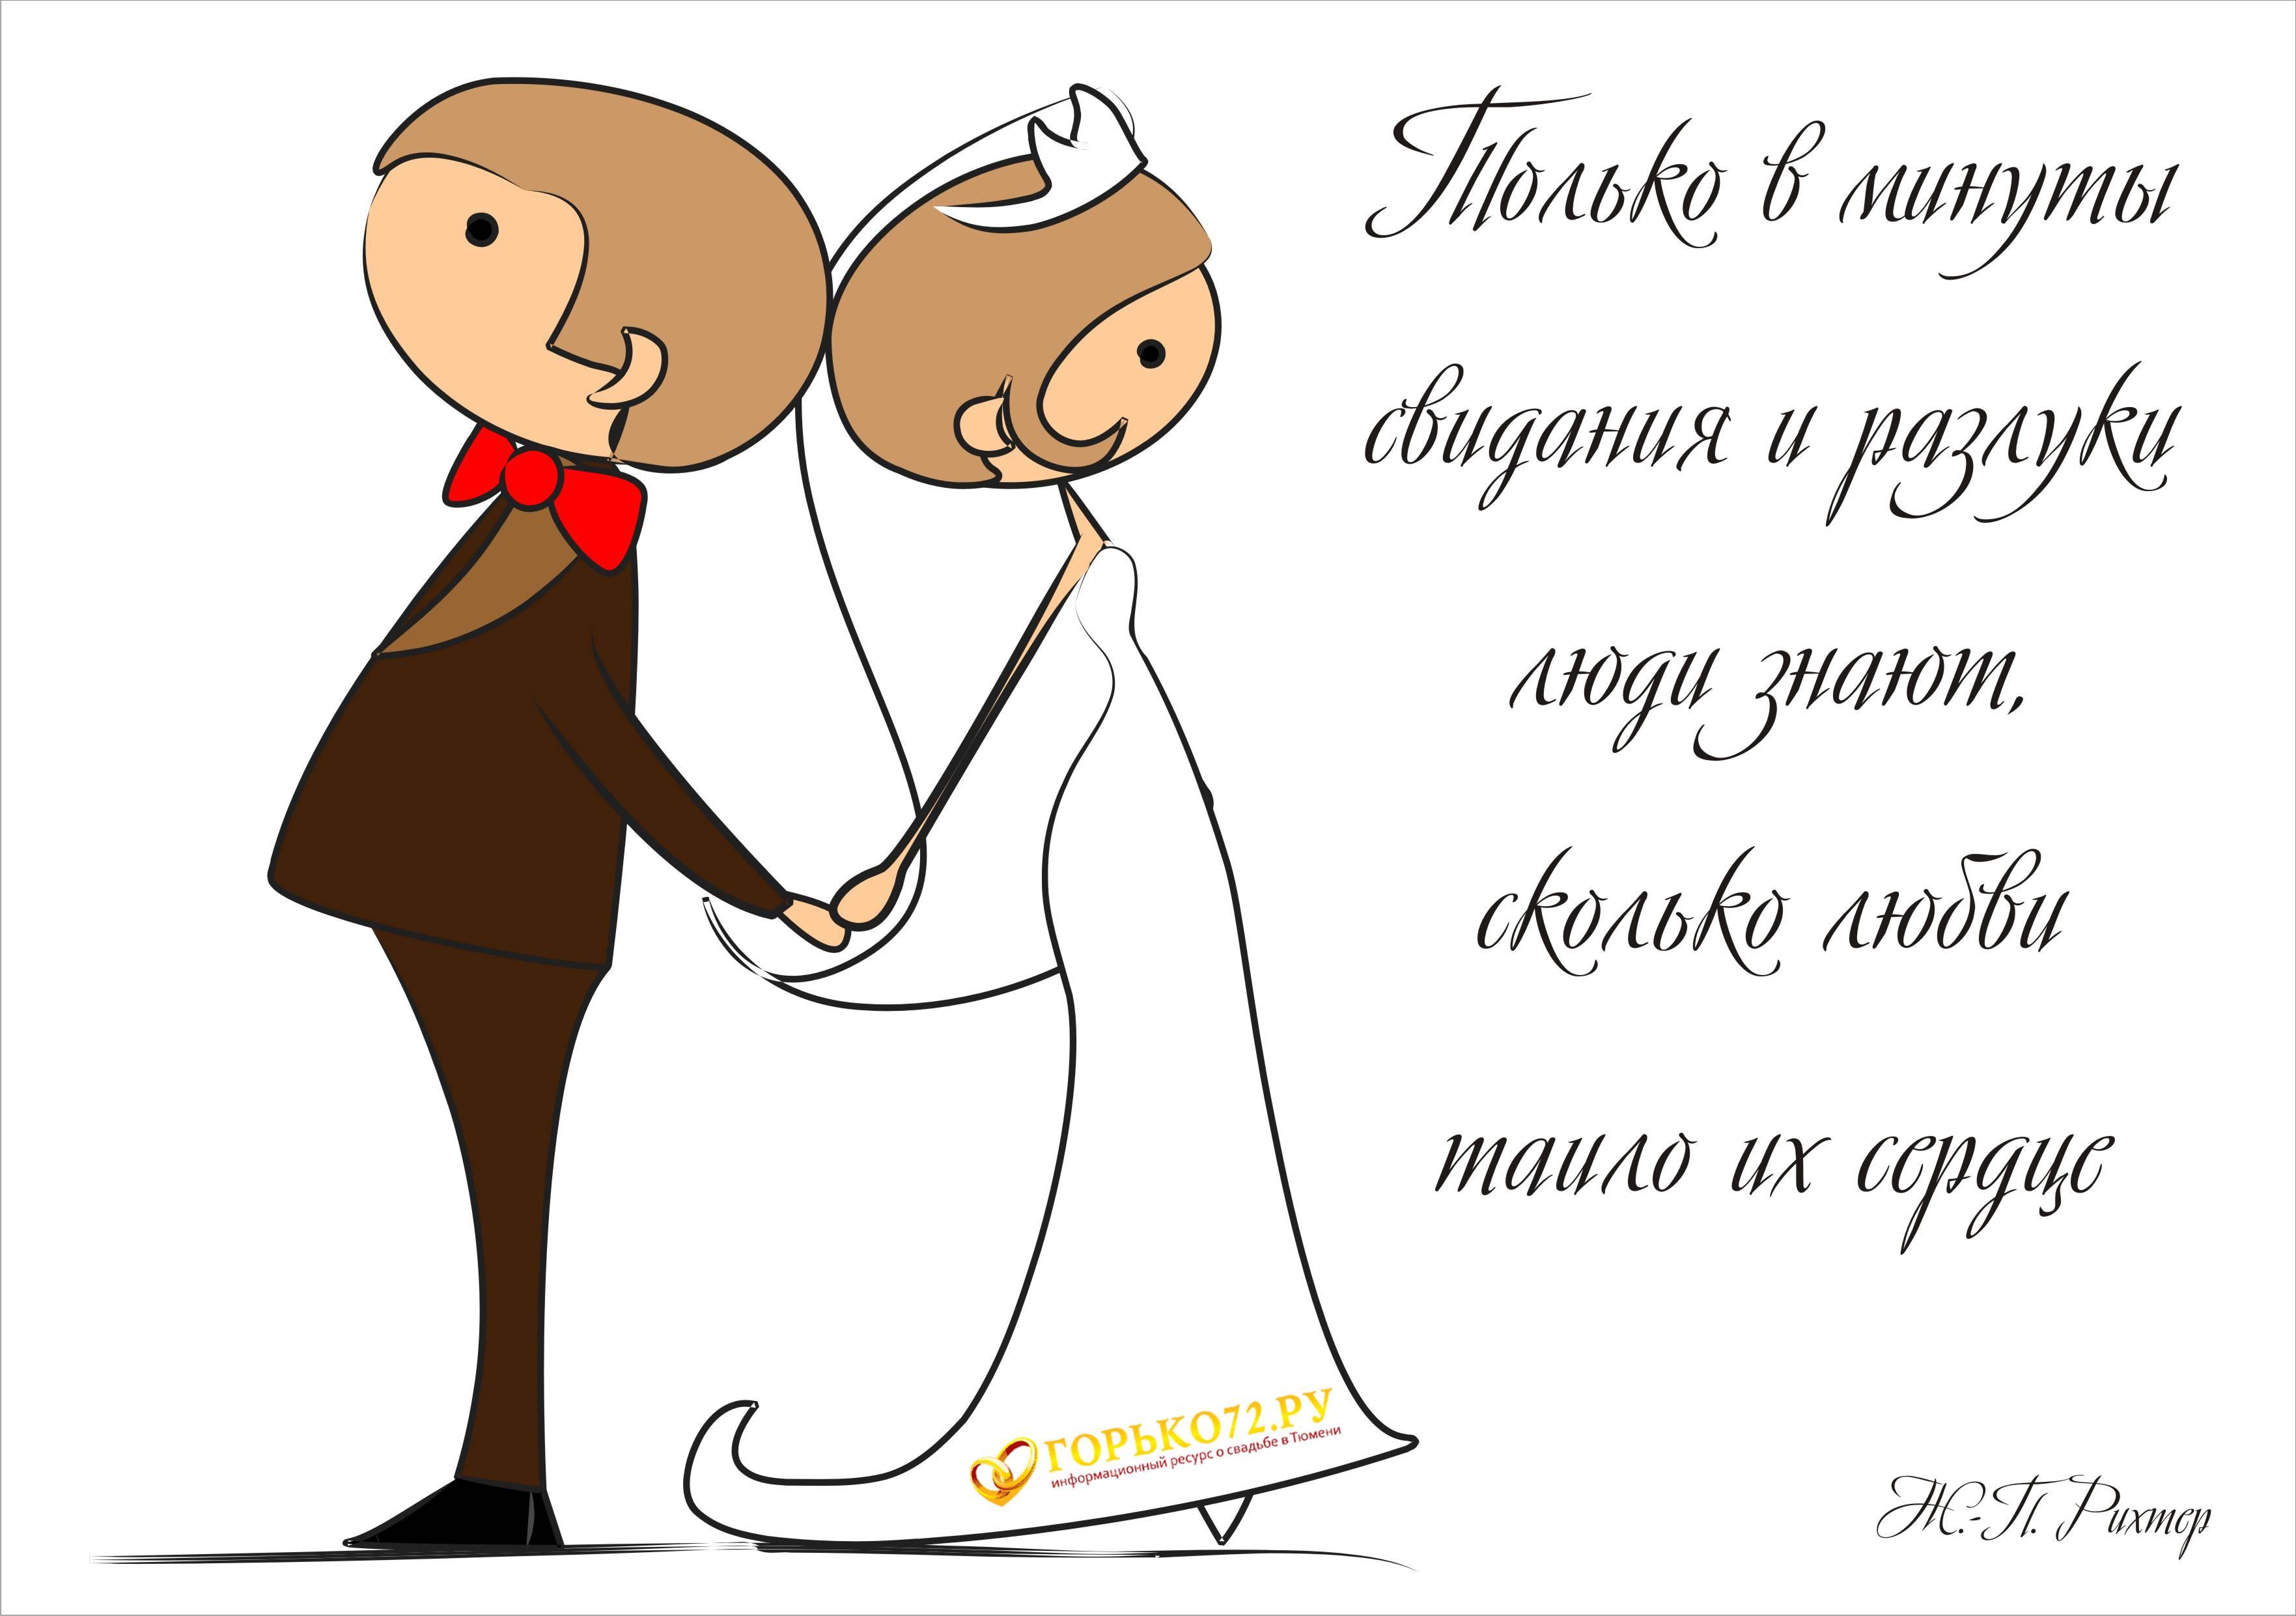 Плакаты на свадьбу. какие плакаты на свадьбу можно сделать своими руками